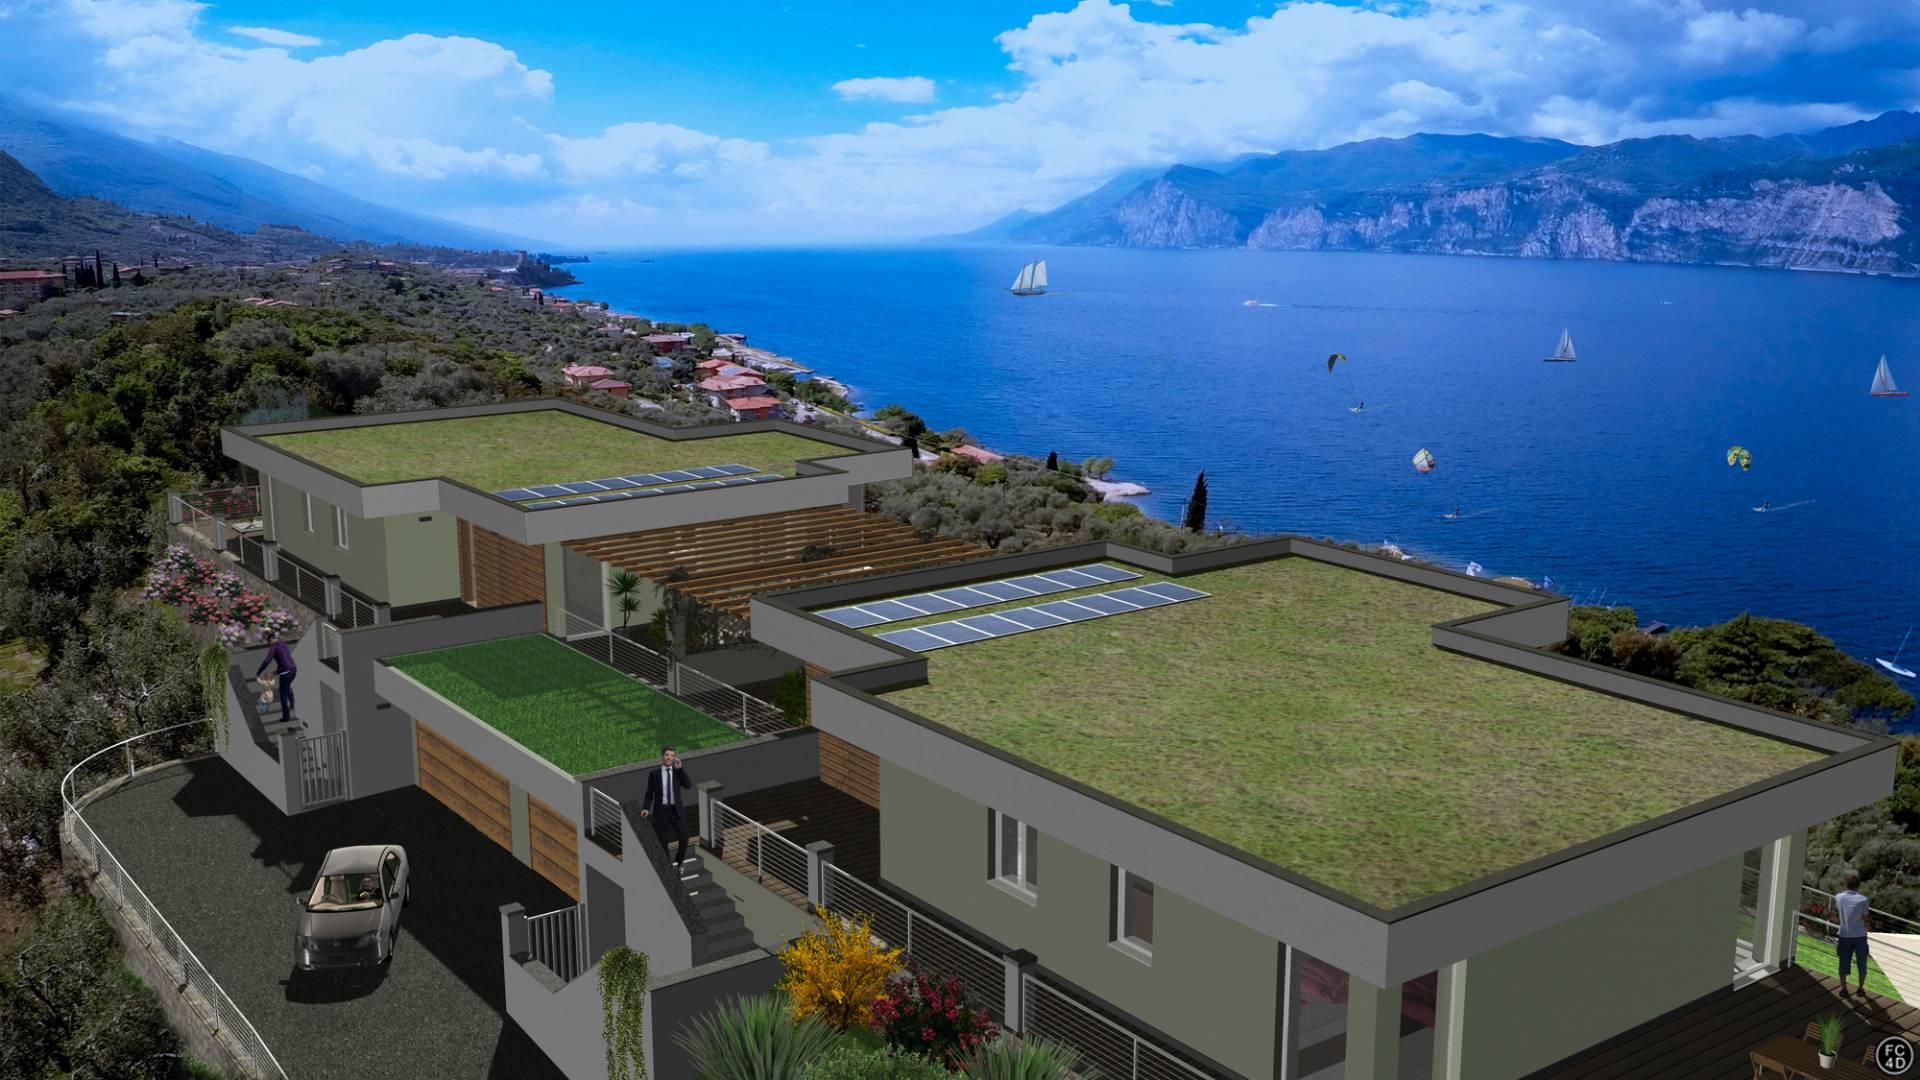 Villa in vendita a Malcesine, 6 locali, Trattative riservate | CambioCasa.it